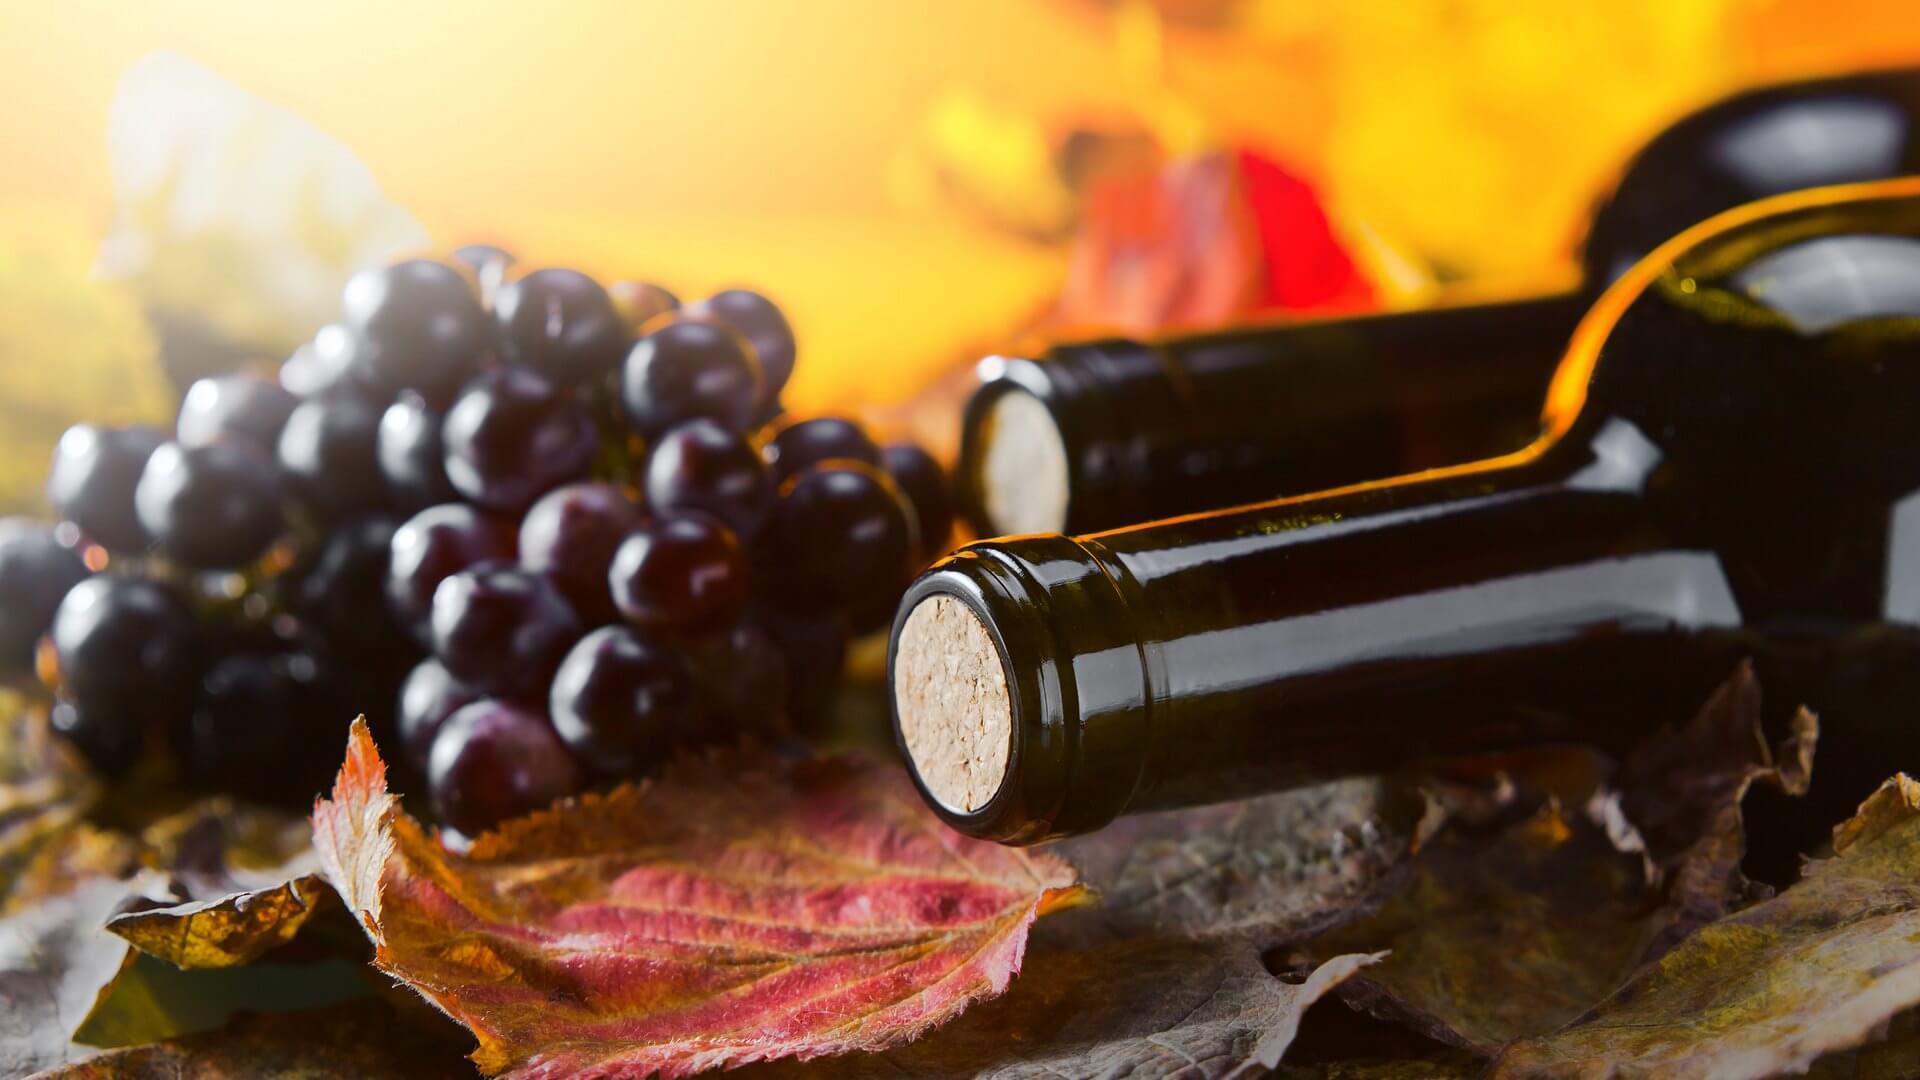 Энотерапия: какие недуги лечит вино? самые популярные спа-процедуры с использованием вина